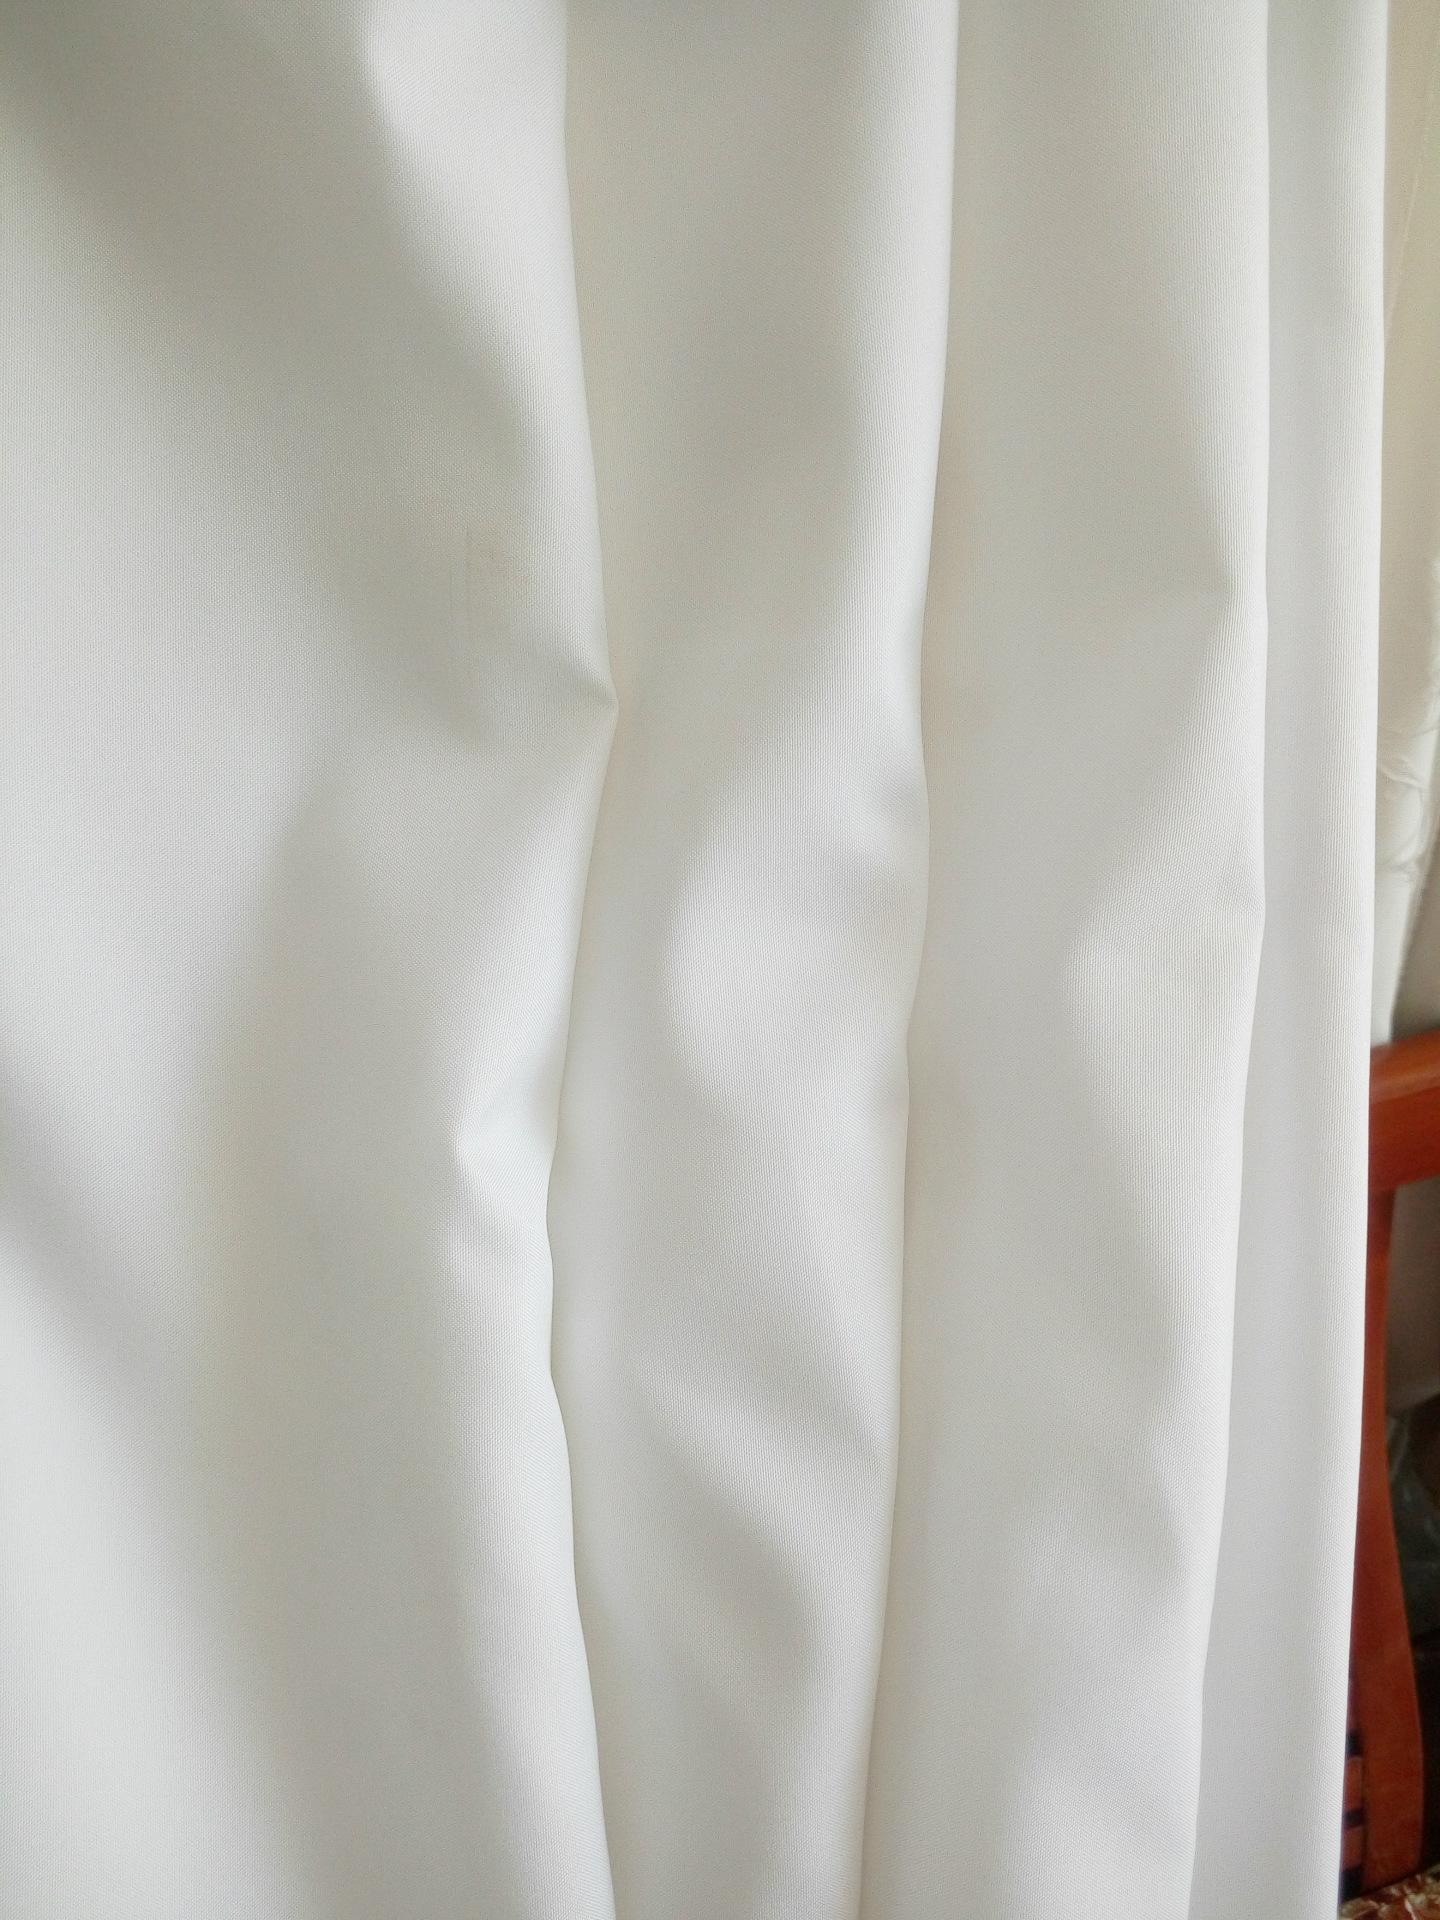 Hóa chất sợi vải màu xám quần áo là màu trắng tinh khiết nhà sản xuất vải sản xuất chi tiết kỹ thuật